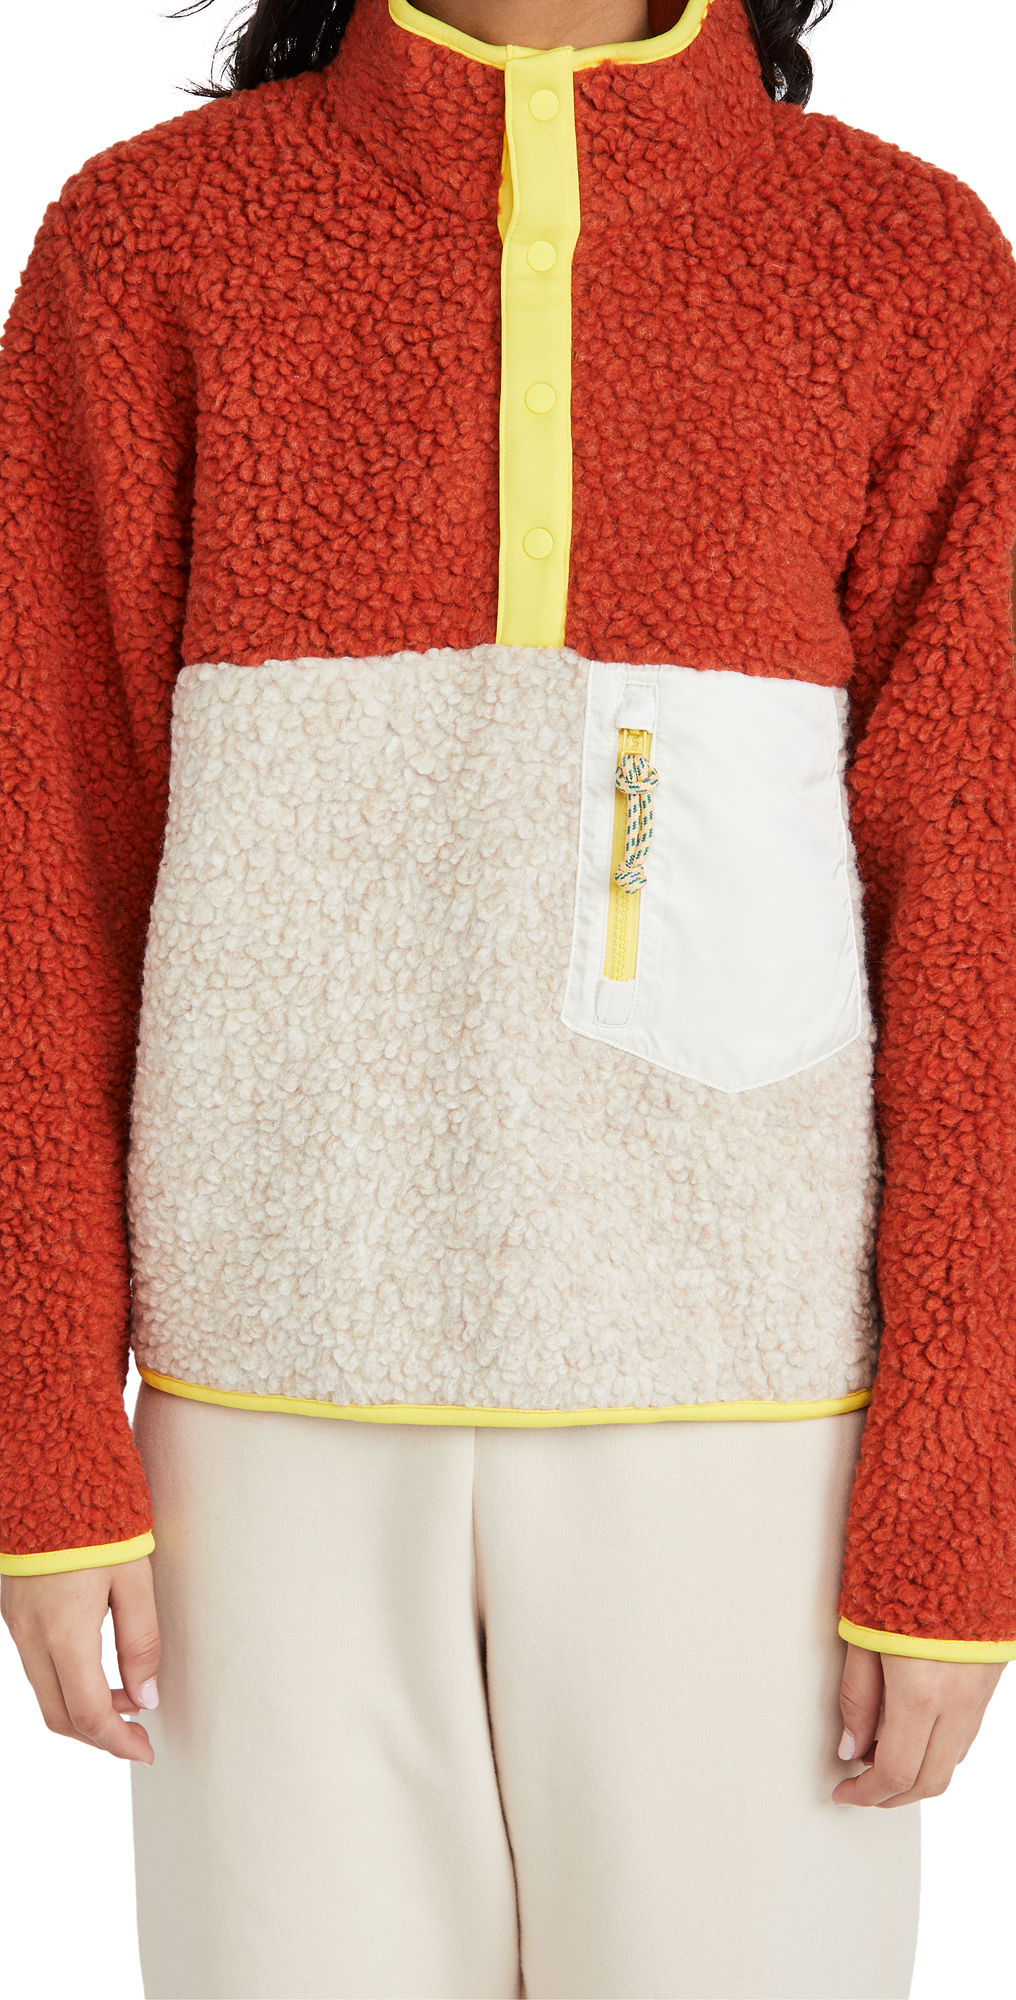 Tory Sport Sherpa Fleece Pullover Jacket